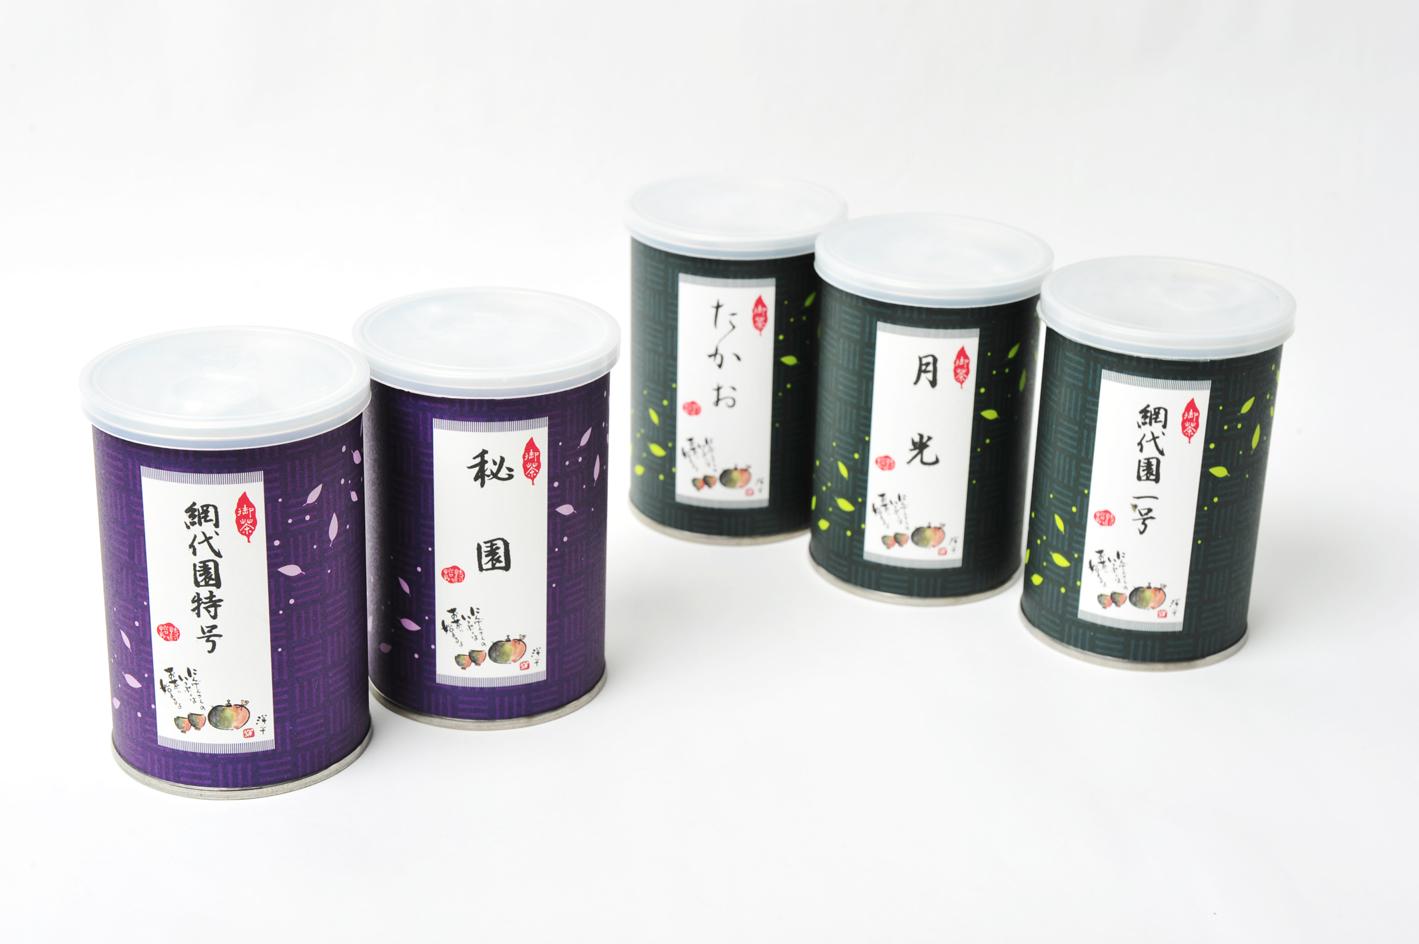 缶詰茶(煎茶)